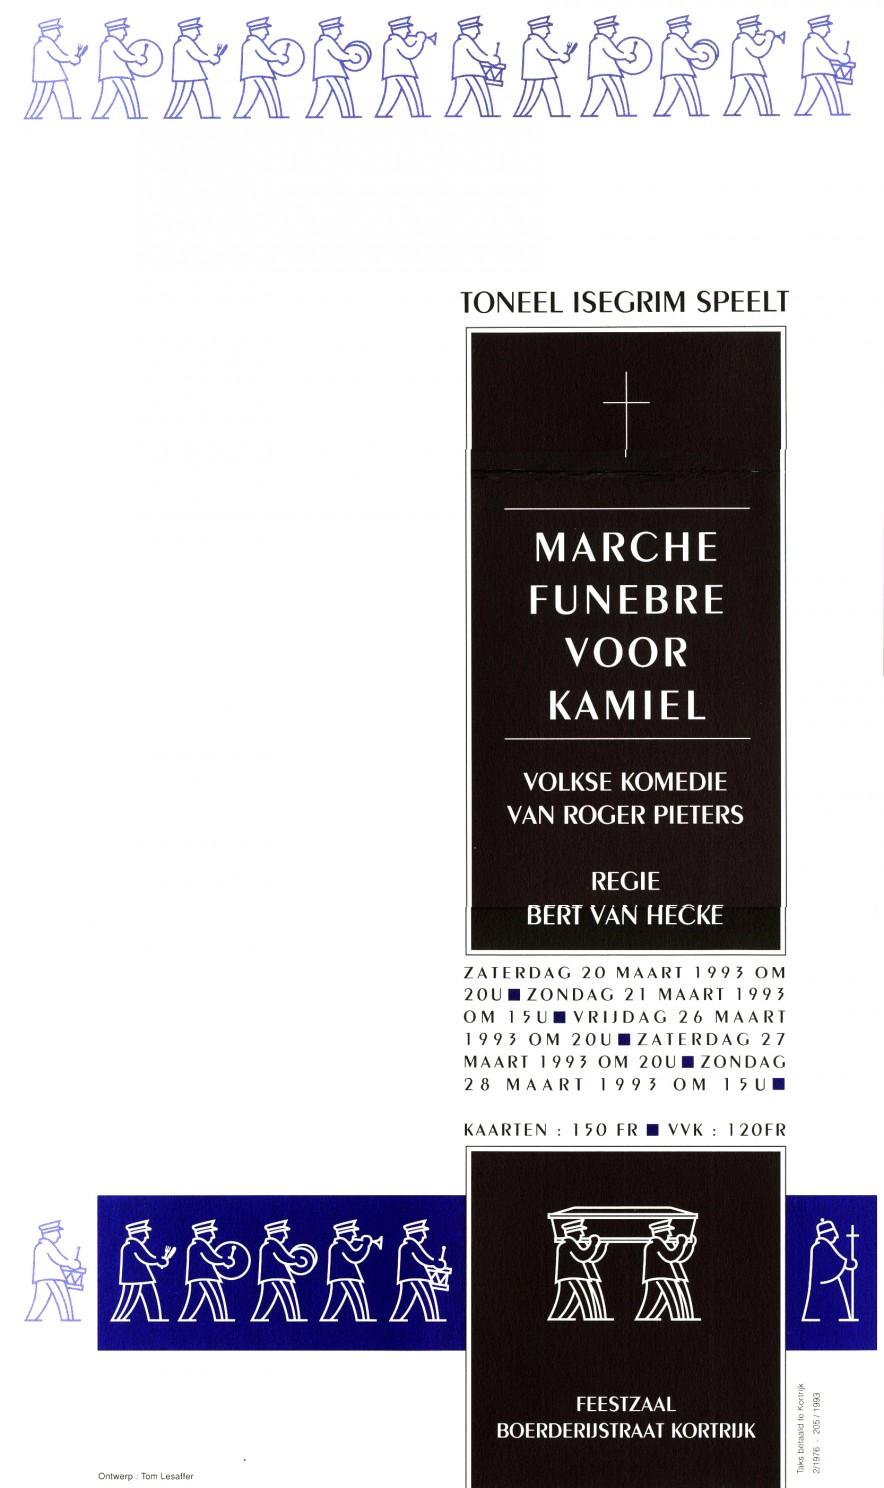 MarcheAffiche.jpg